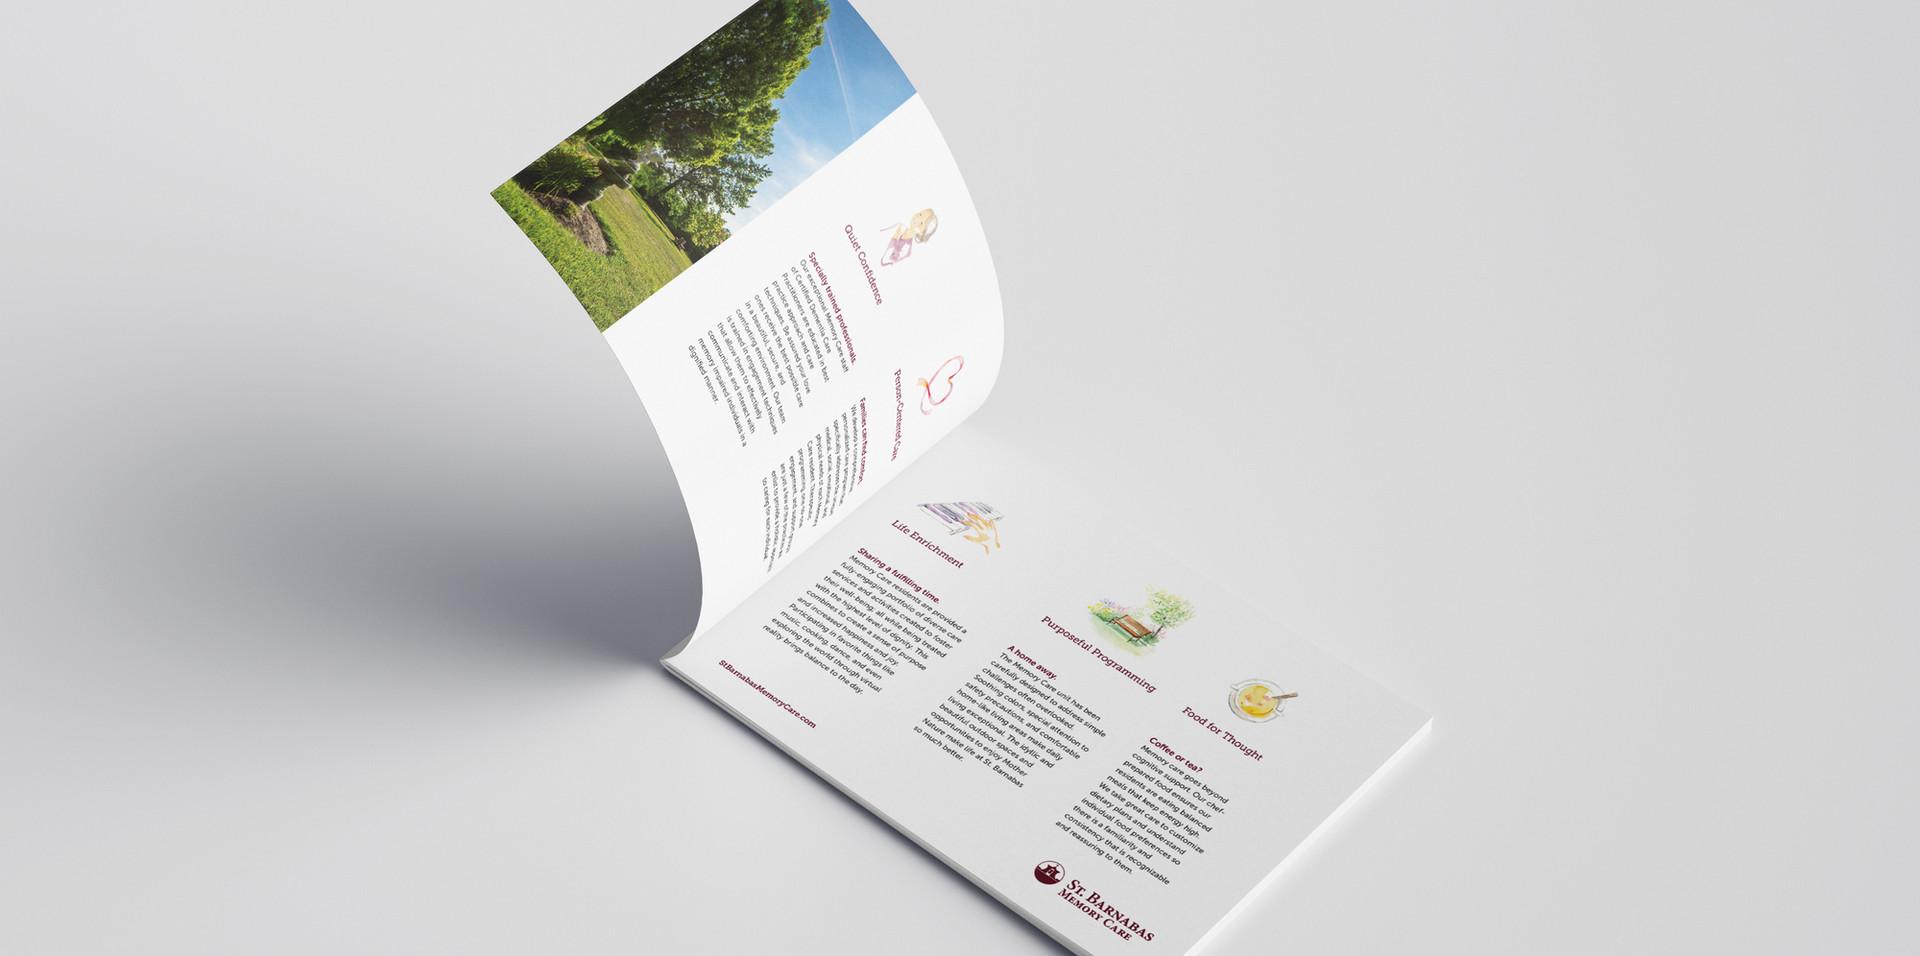 brochure_spread open_face up.jpg